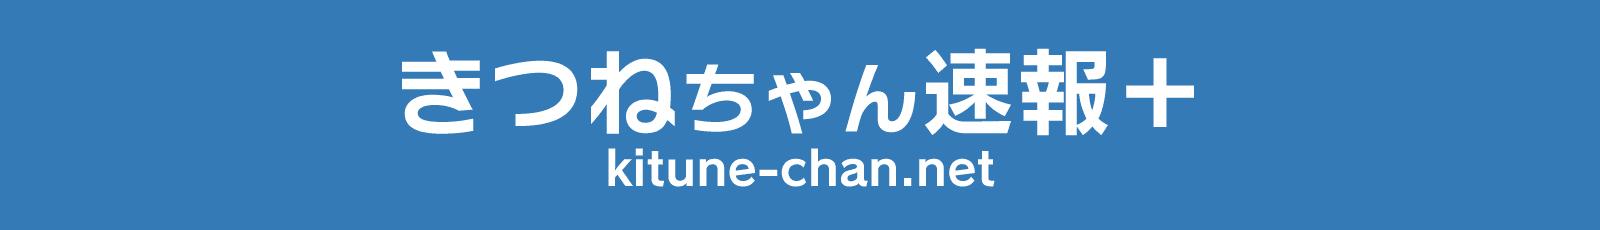 きつねちゃん速報+